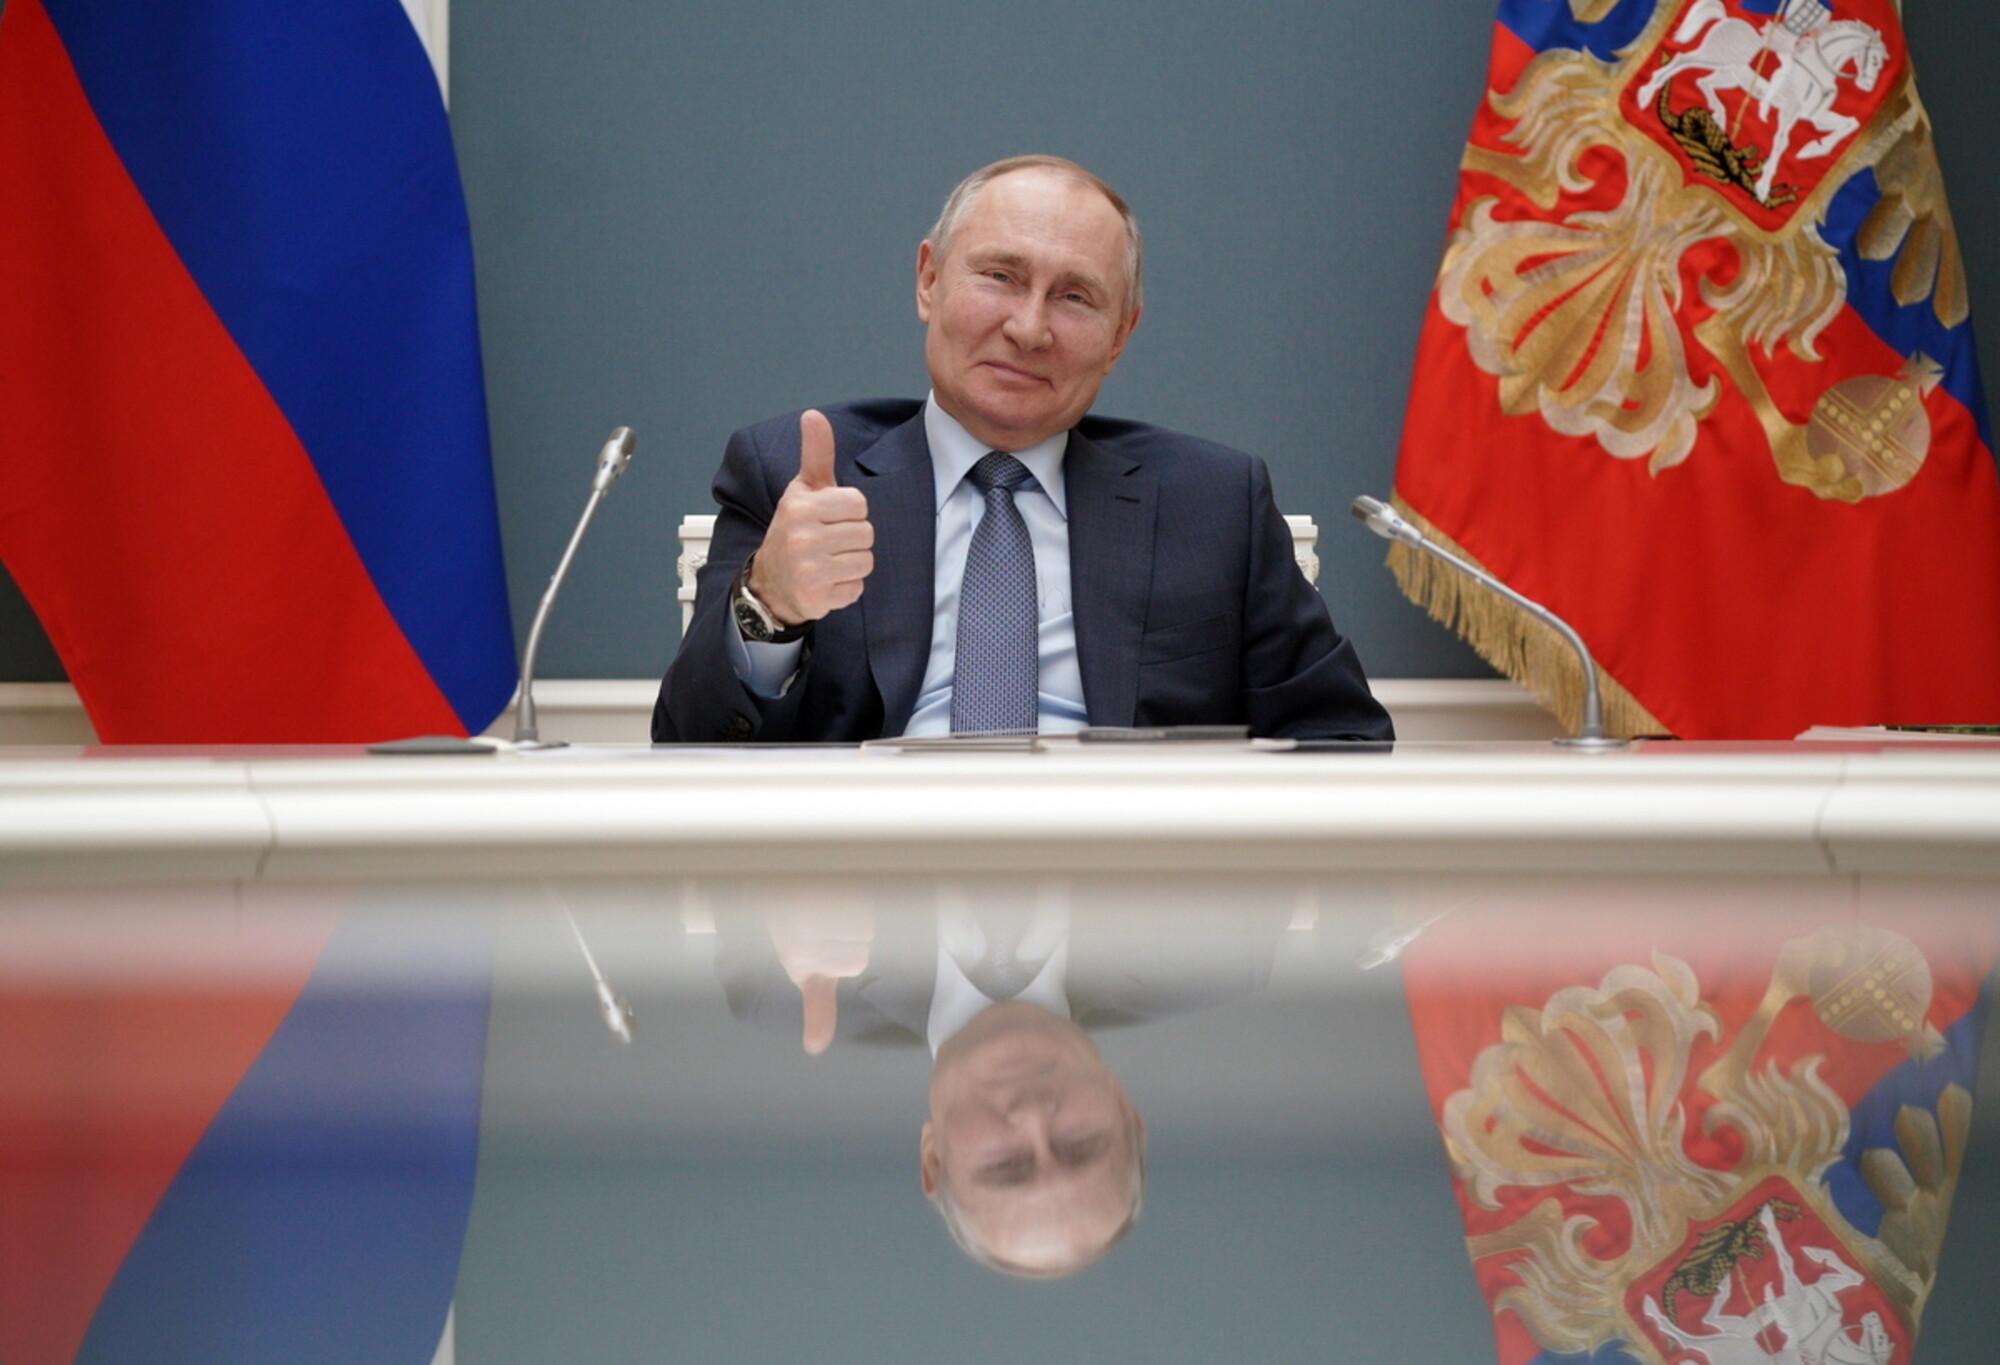 ΕΛΕΟΣ ΠΙΑ!!! – Ο Βλαντιμίρ Πούτιν υπέγραψε τον νόμο που του επιτρέπει να διεκδικήσει άλλες δύο θητείες